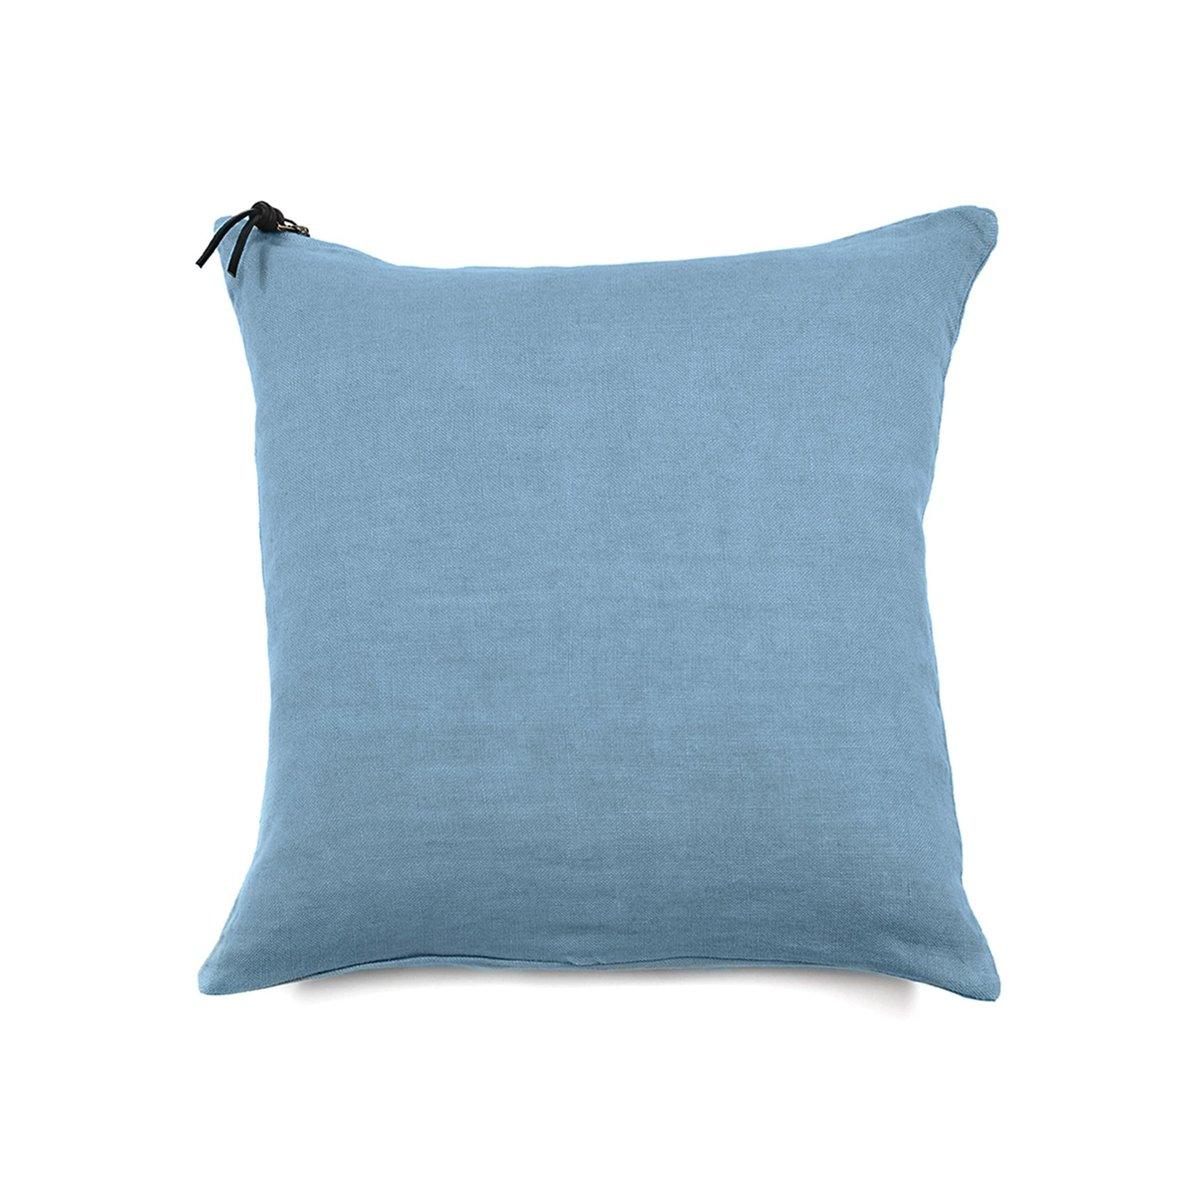 L'ESSENTIEL - Coussin Lin pur lavé Turquoise 45x45